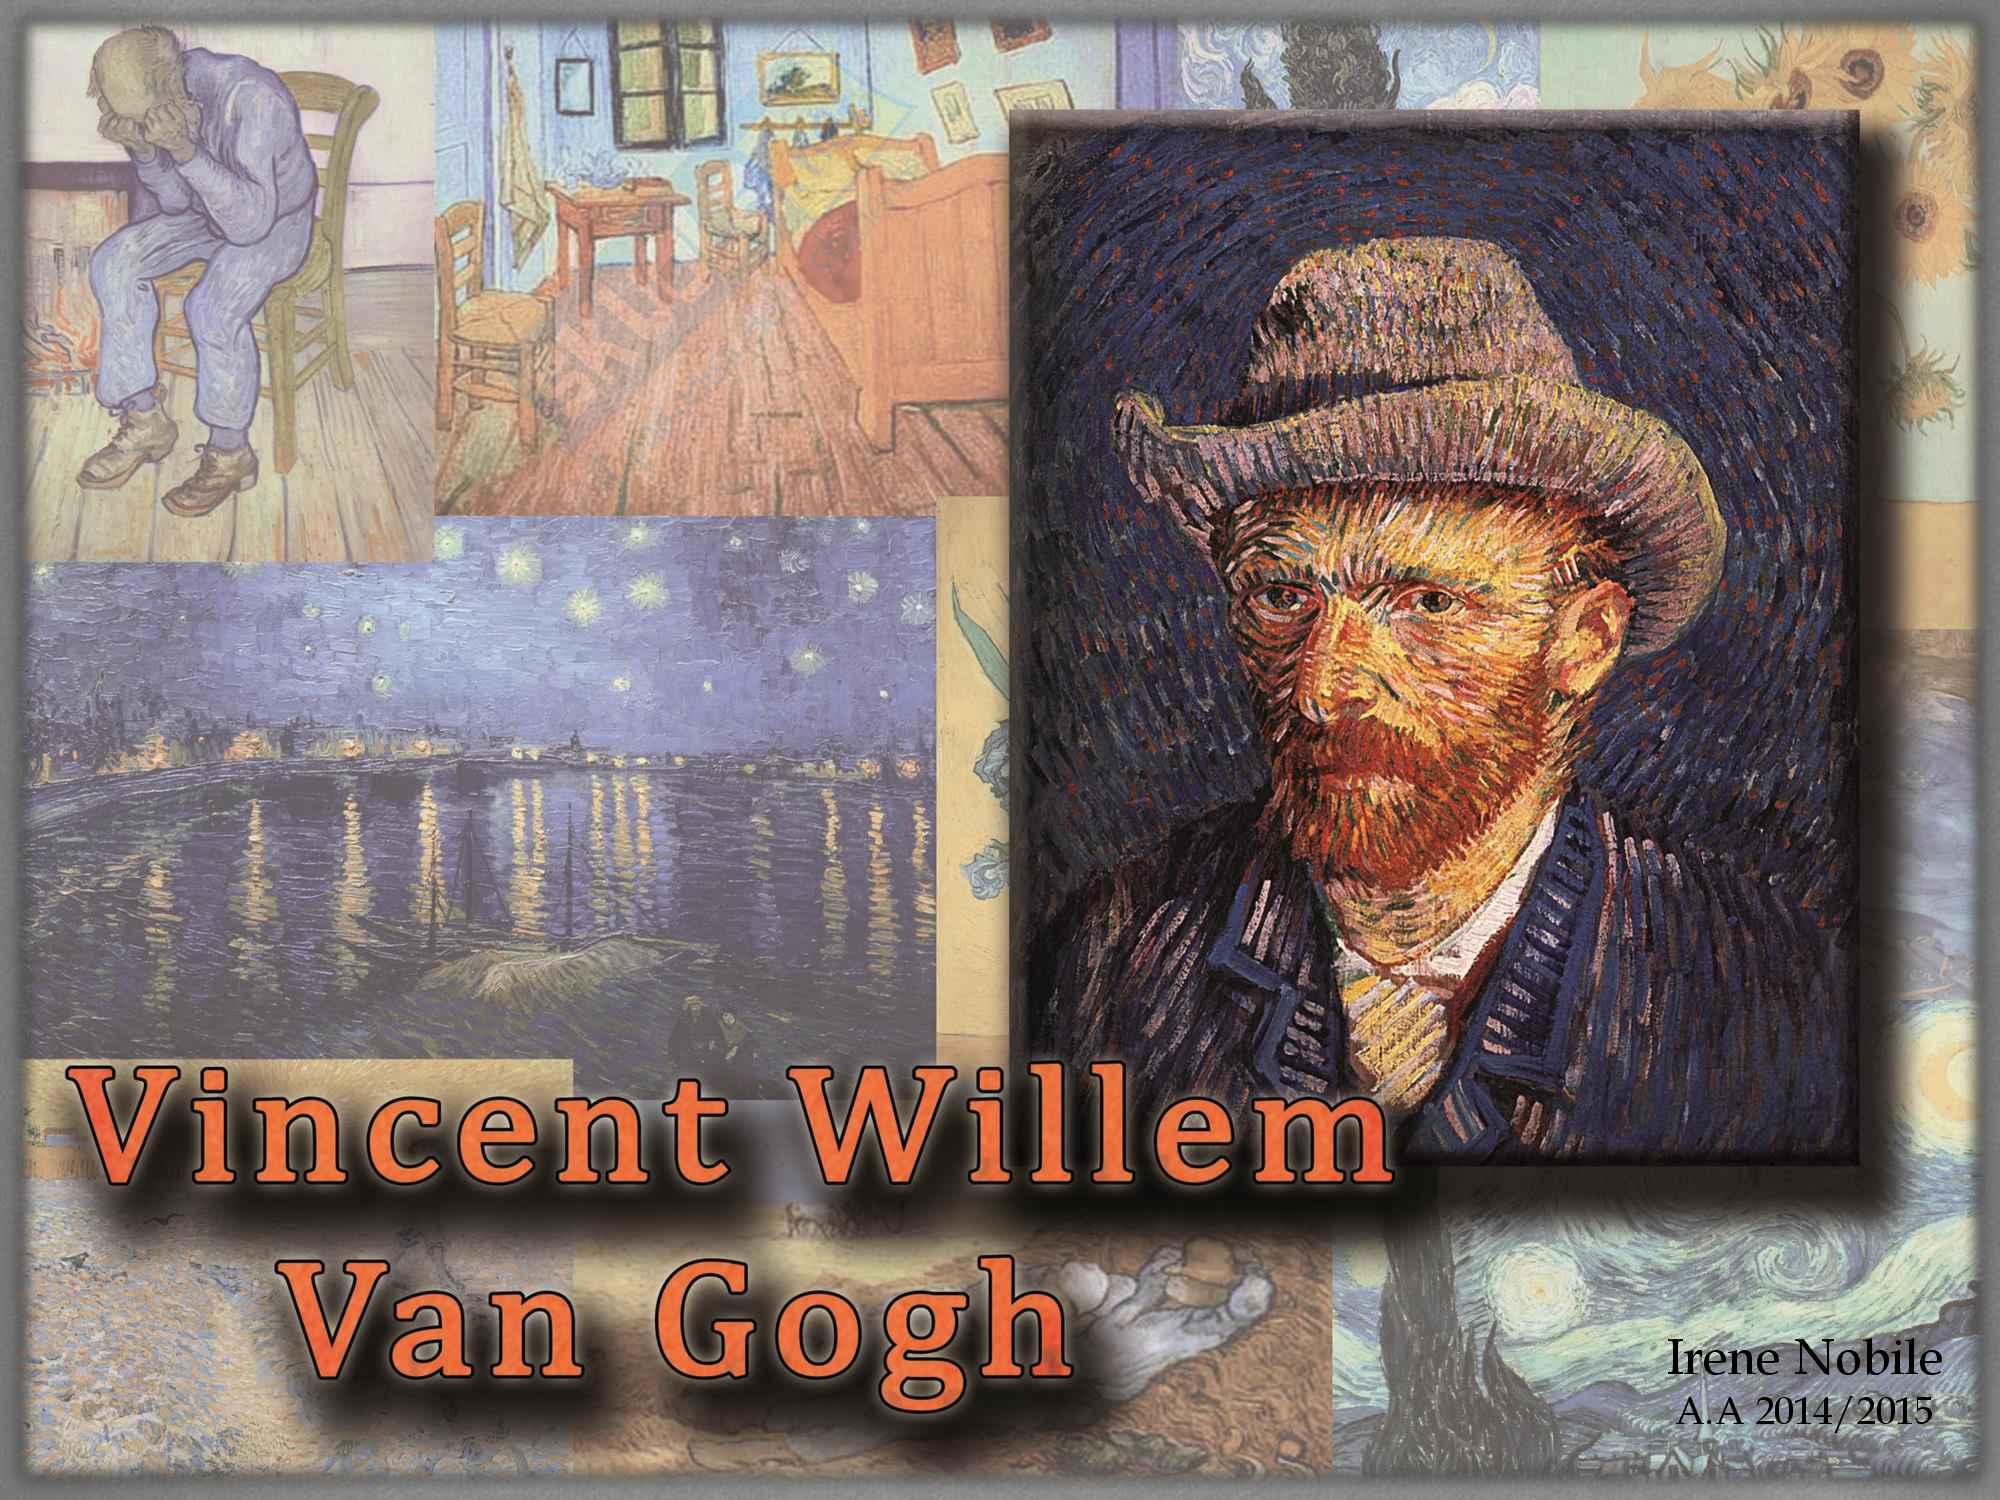 Tesina di storia dell'arte contemporanea su Vincent Van Gogh